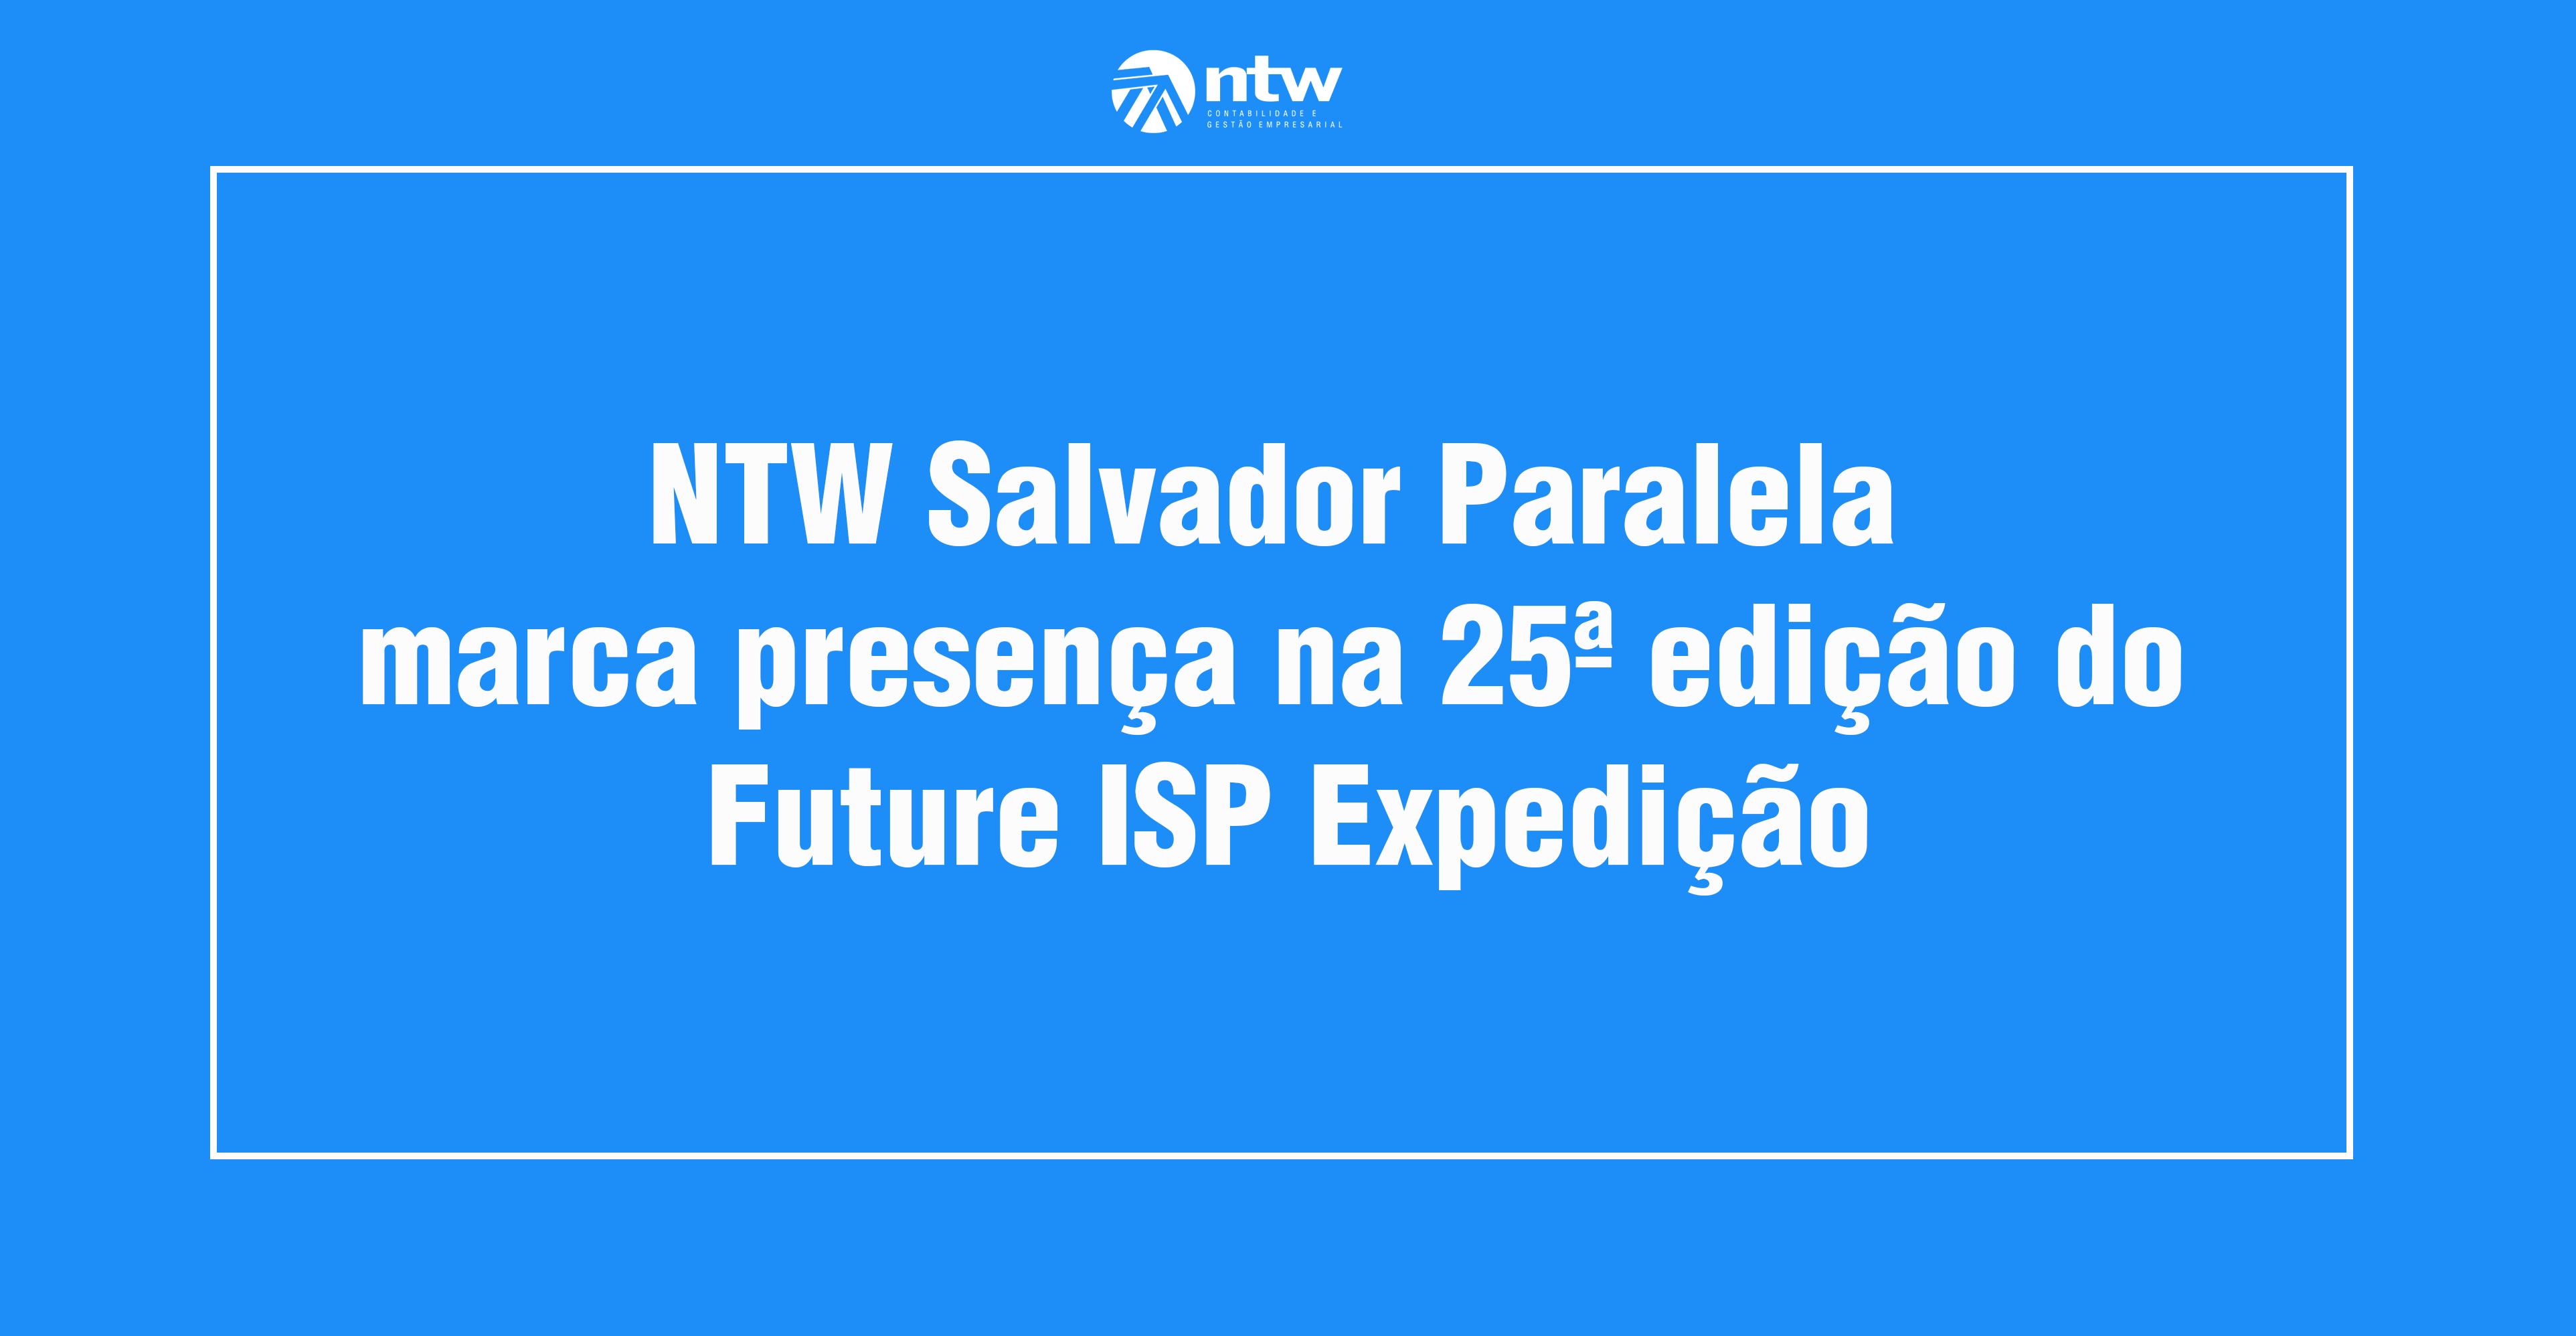 NTW Salvador Paralela marca presença na 25ª edição do Future ISP Expedição